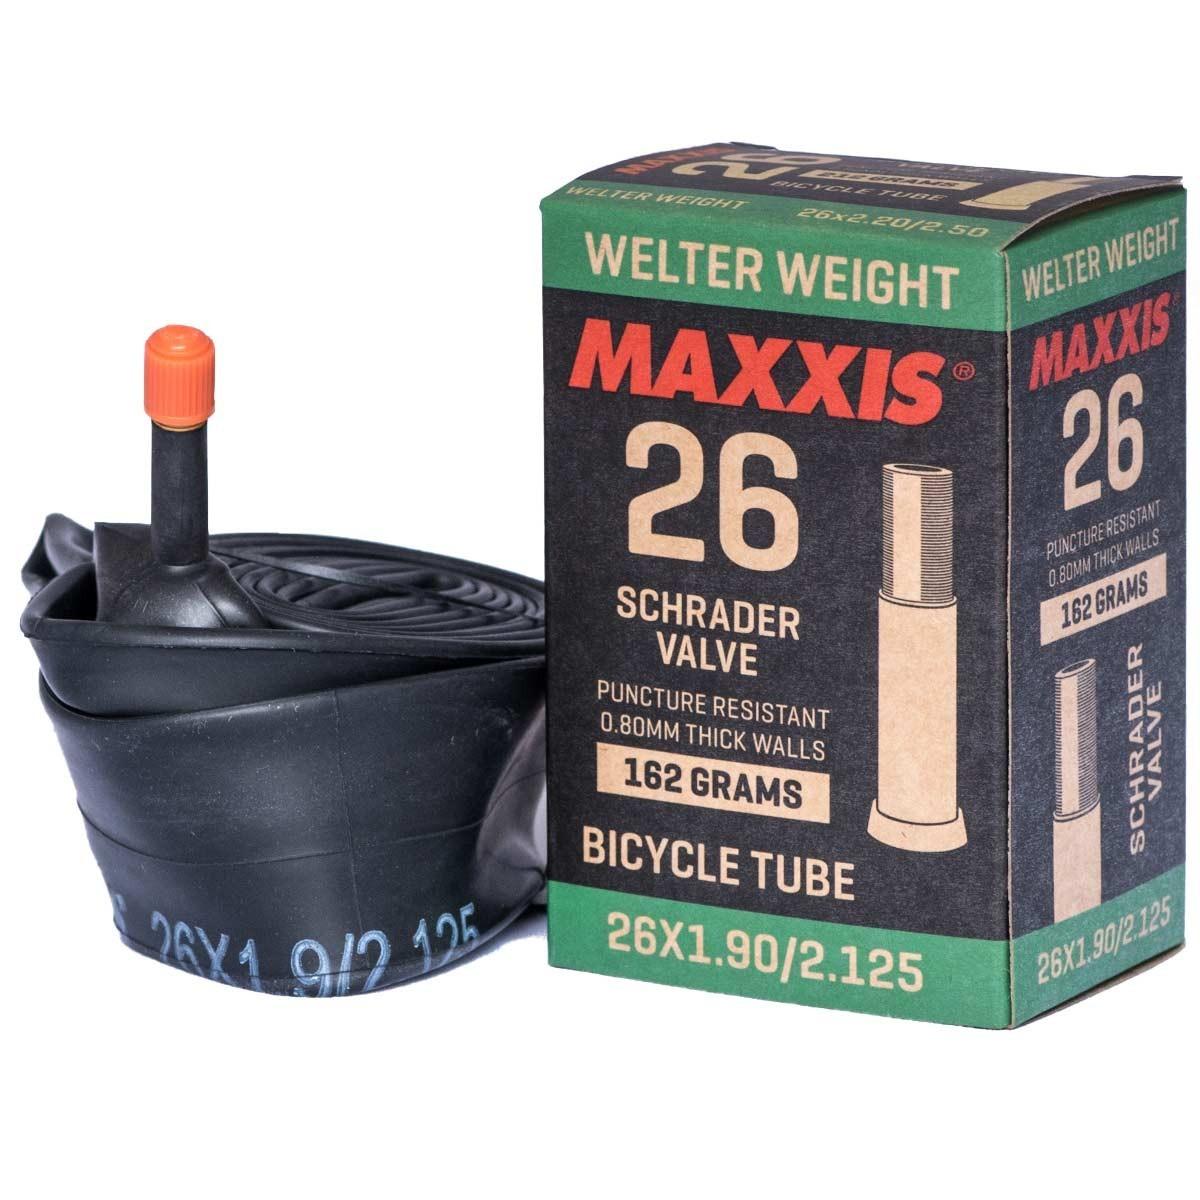 MAXXIS WELTER WEIGHT 26X1.50/2.50   Френски Вентил (Low Lead) 48mm BOX - Изображение - AQUAMATRIX